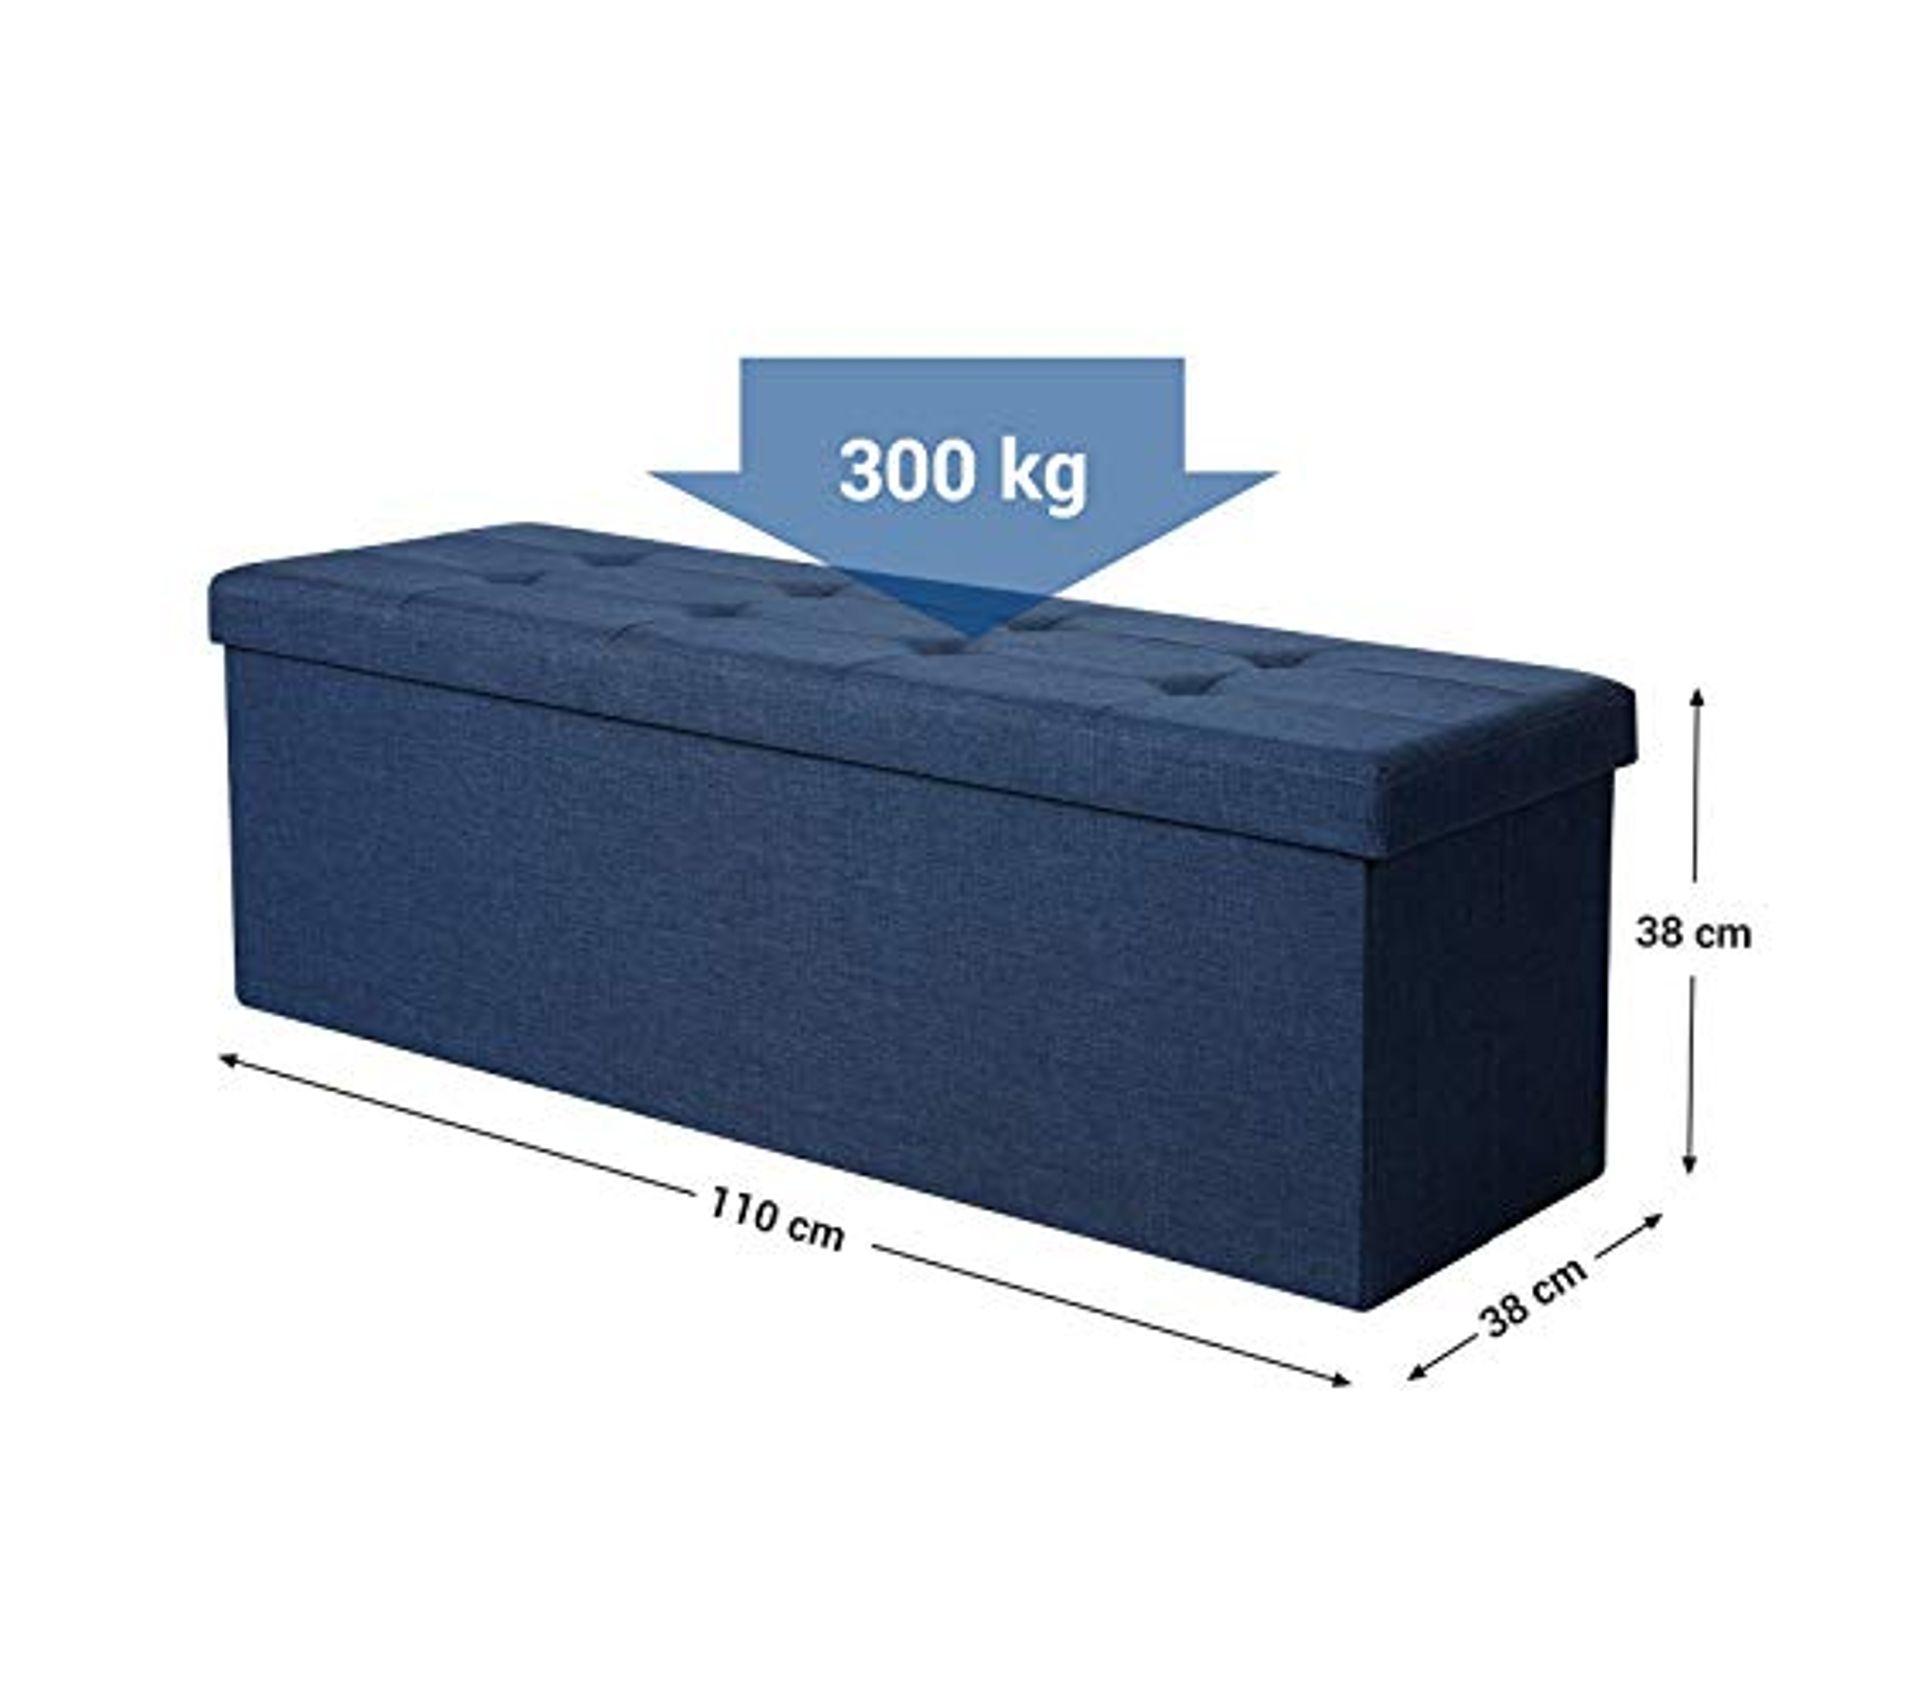 Camabel Banc de Rangement de Rangement en Lin Coffre Pliable Banquette de Rangement Charge admissible 300 kg Grand Pouf pliable76 x 38 x 38 cm